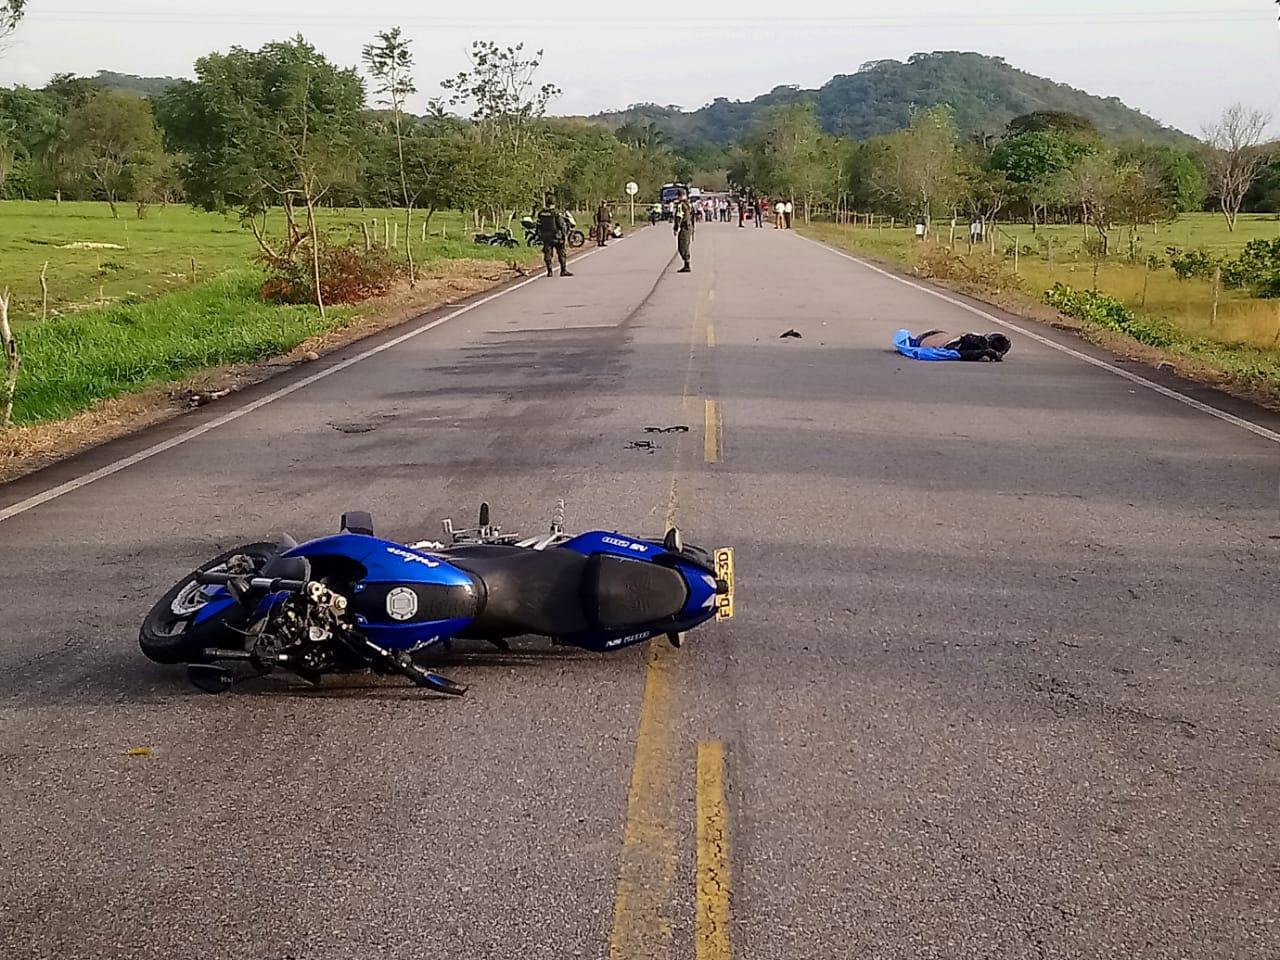 Muere motociclista al colisionar con un semoviente en vía  Hatocorozal Paz de Ariporo